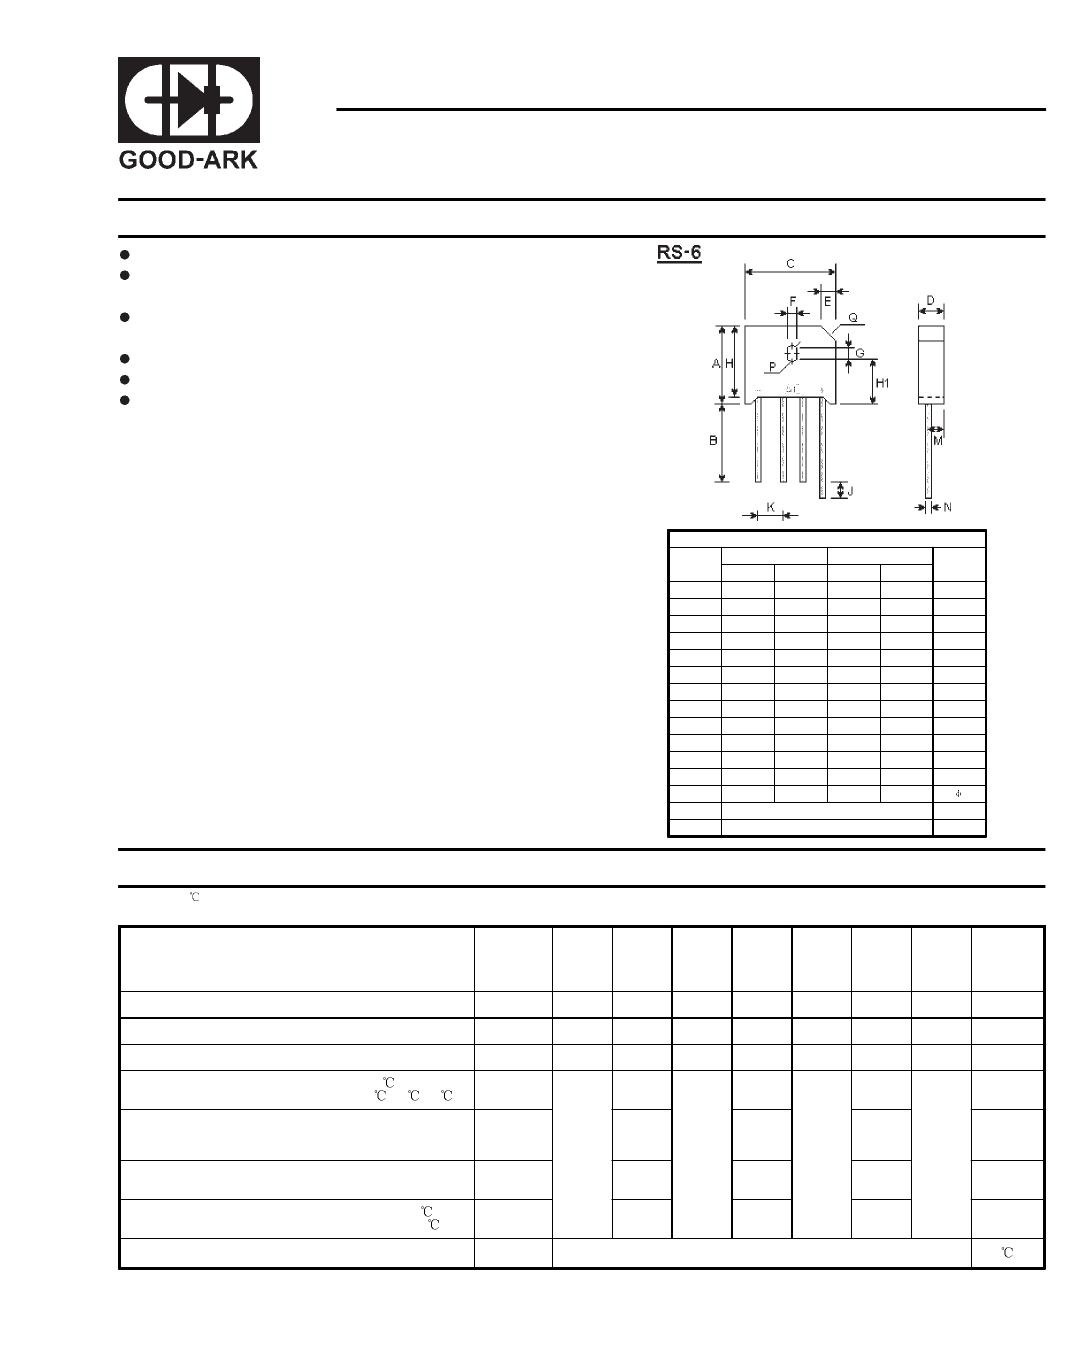 KBU4G datasheet